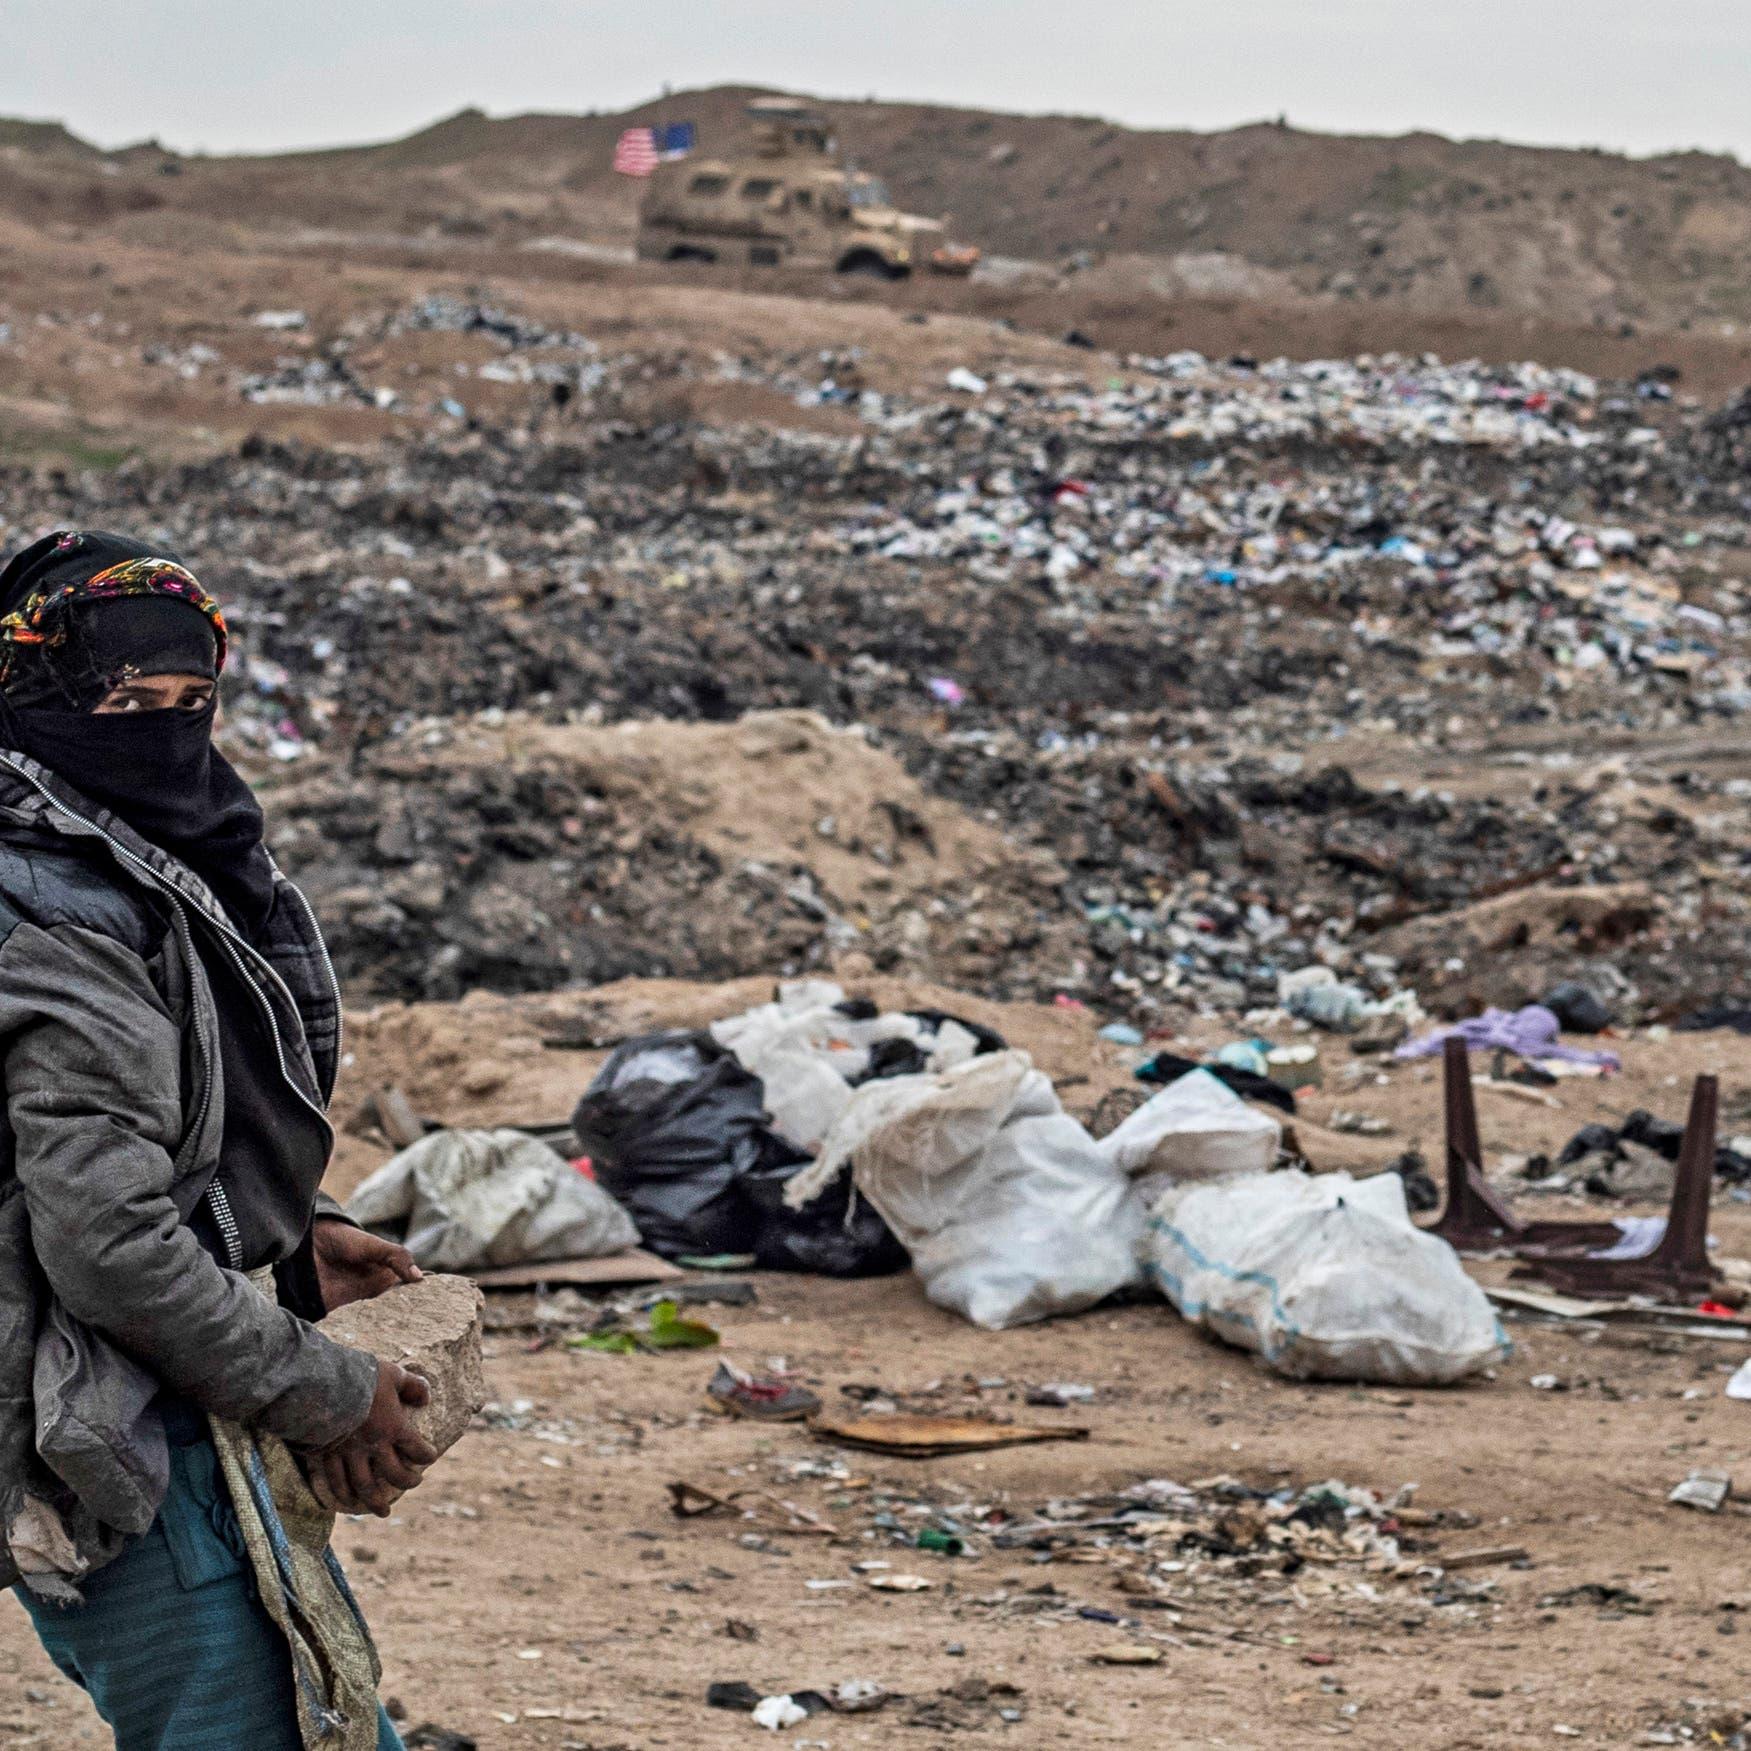 خيبة أخرى.. مجلس الأمن يفشل بإصدار بيان مشترك حول سوريا